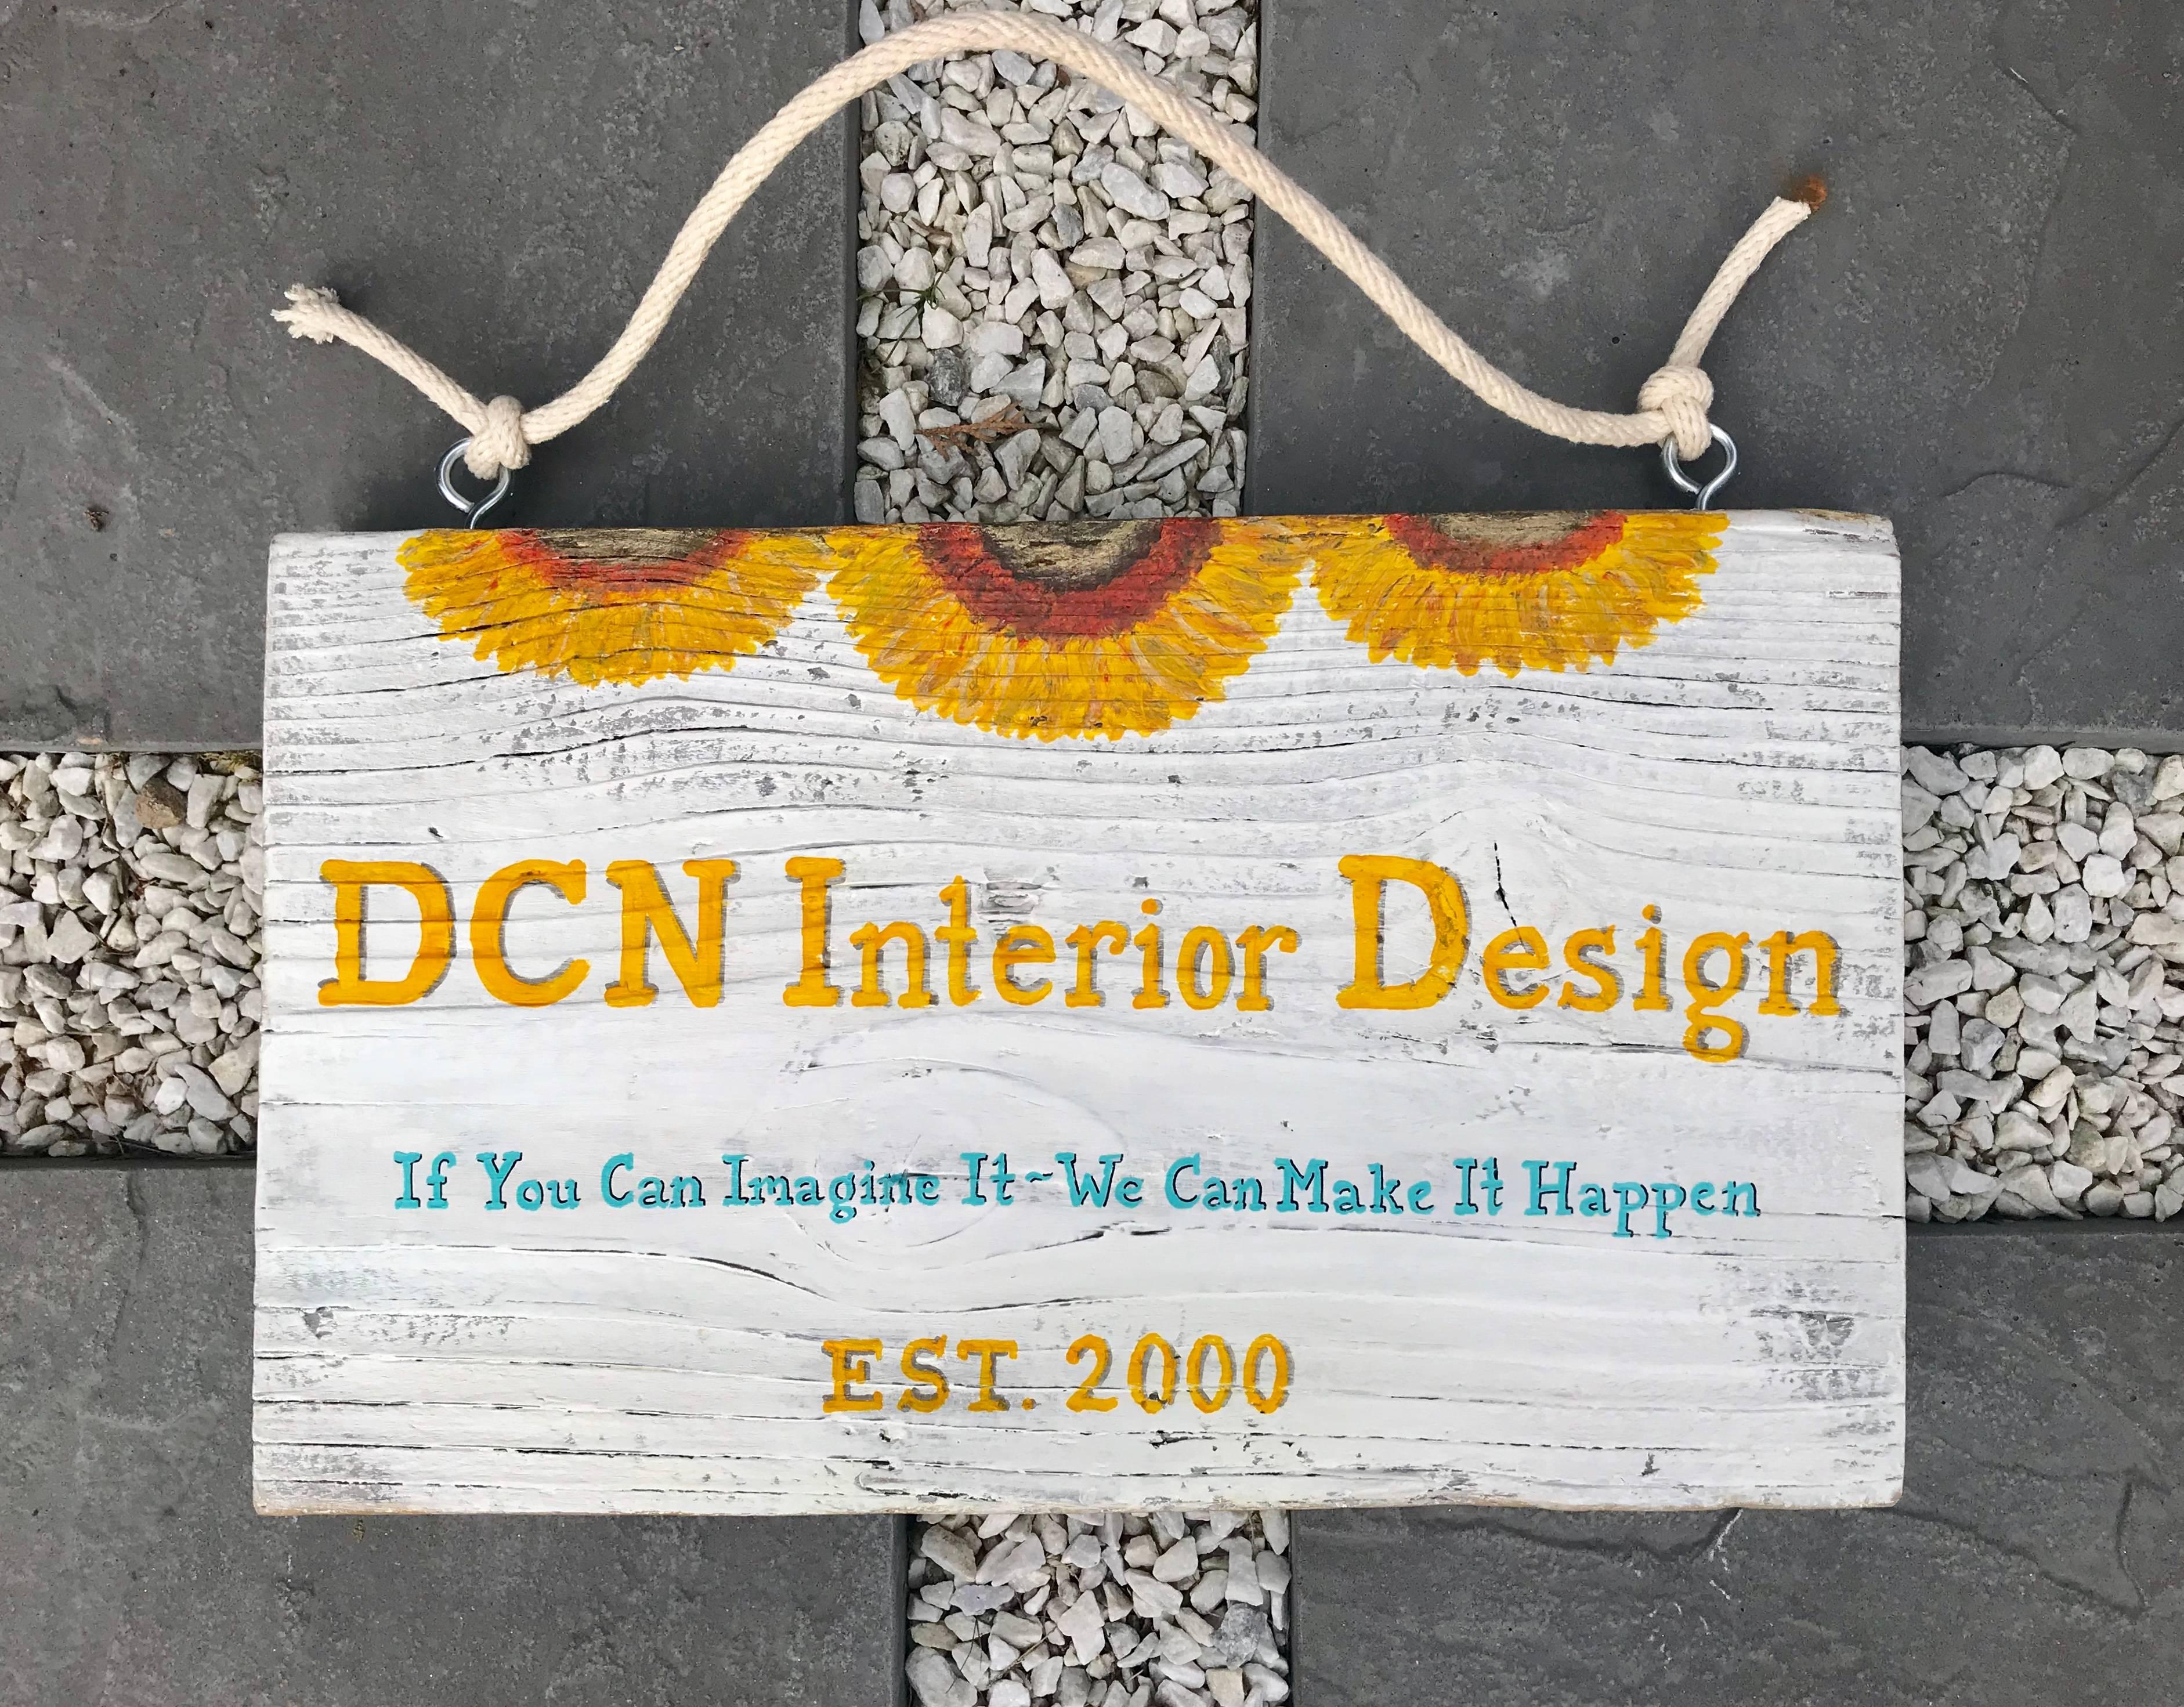 Interior Design firm sign